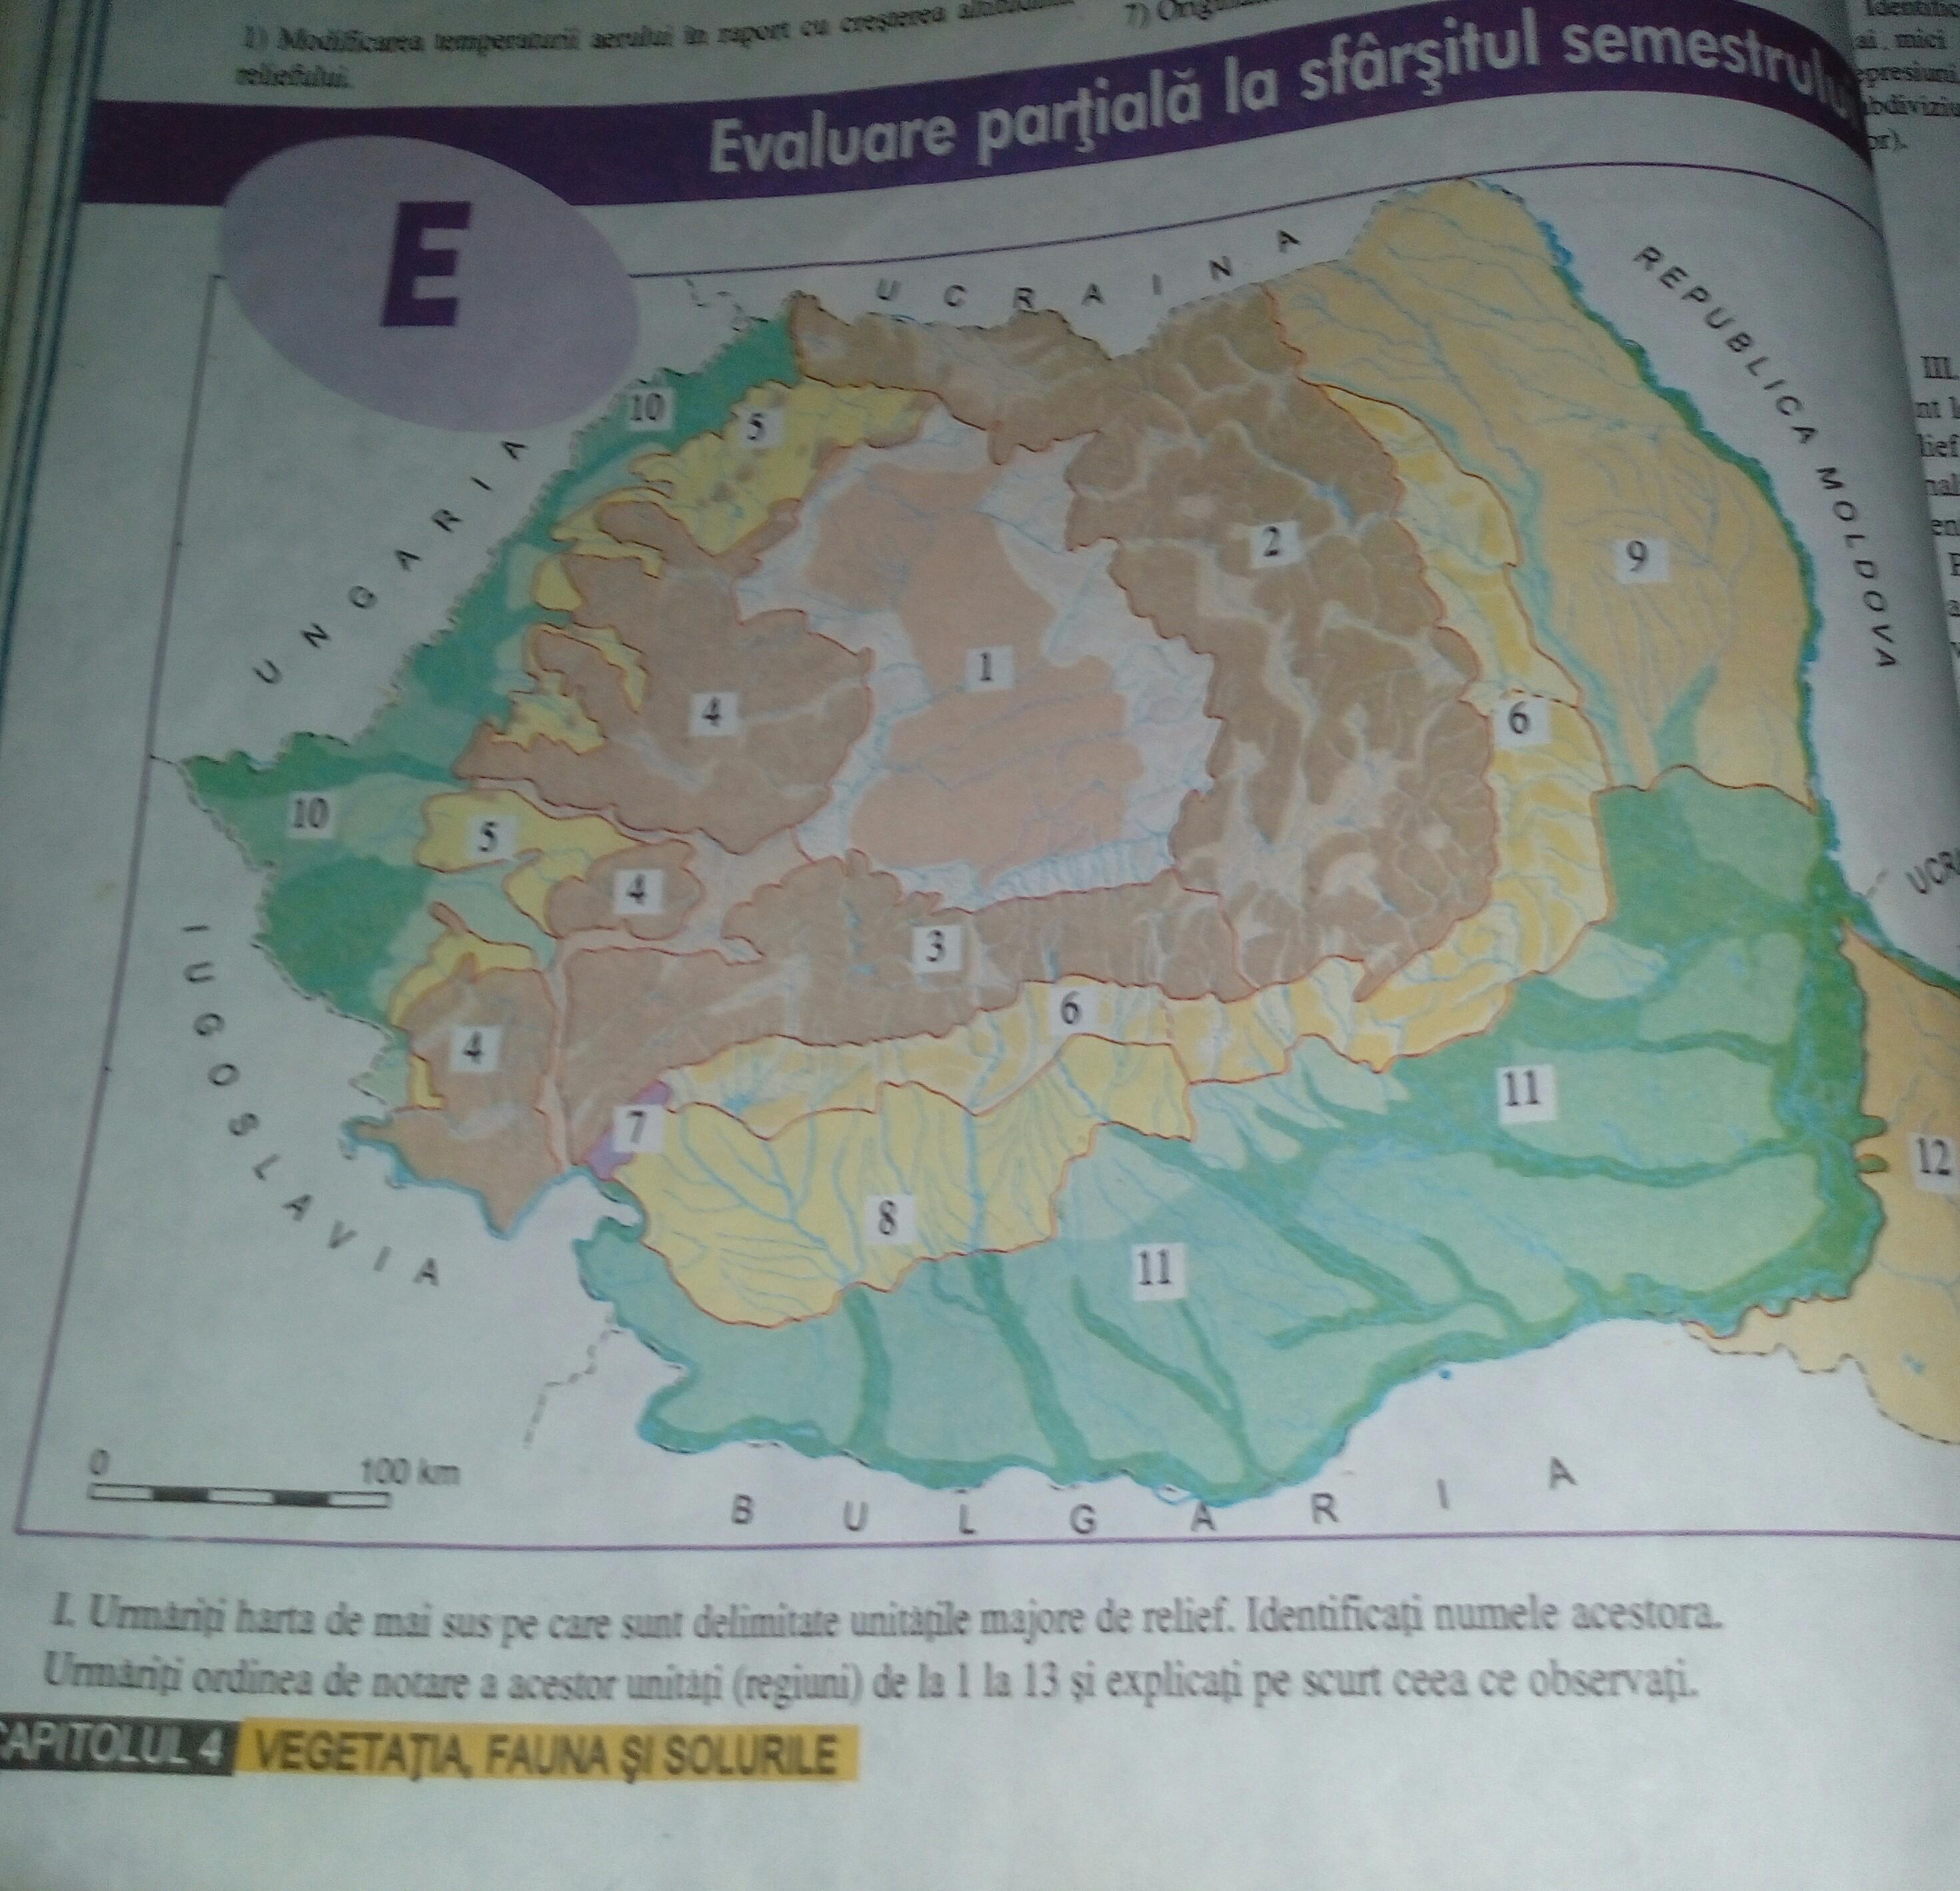 Urmăriți Harta De Mai Sus Pe Care Sunt Delimitate Unitățile Majore